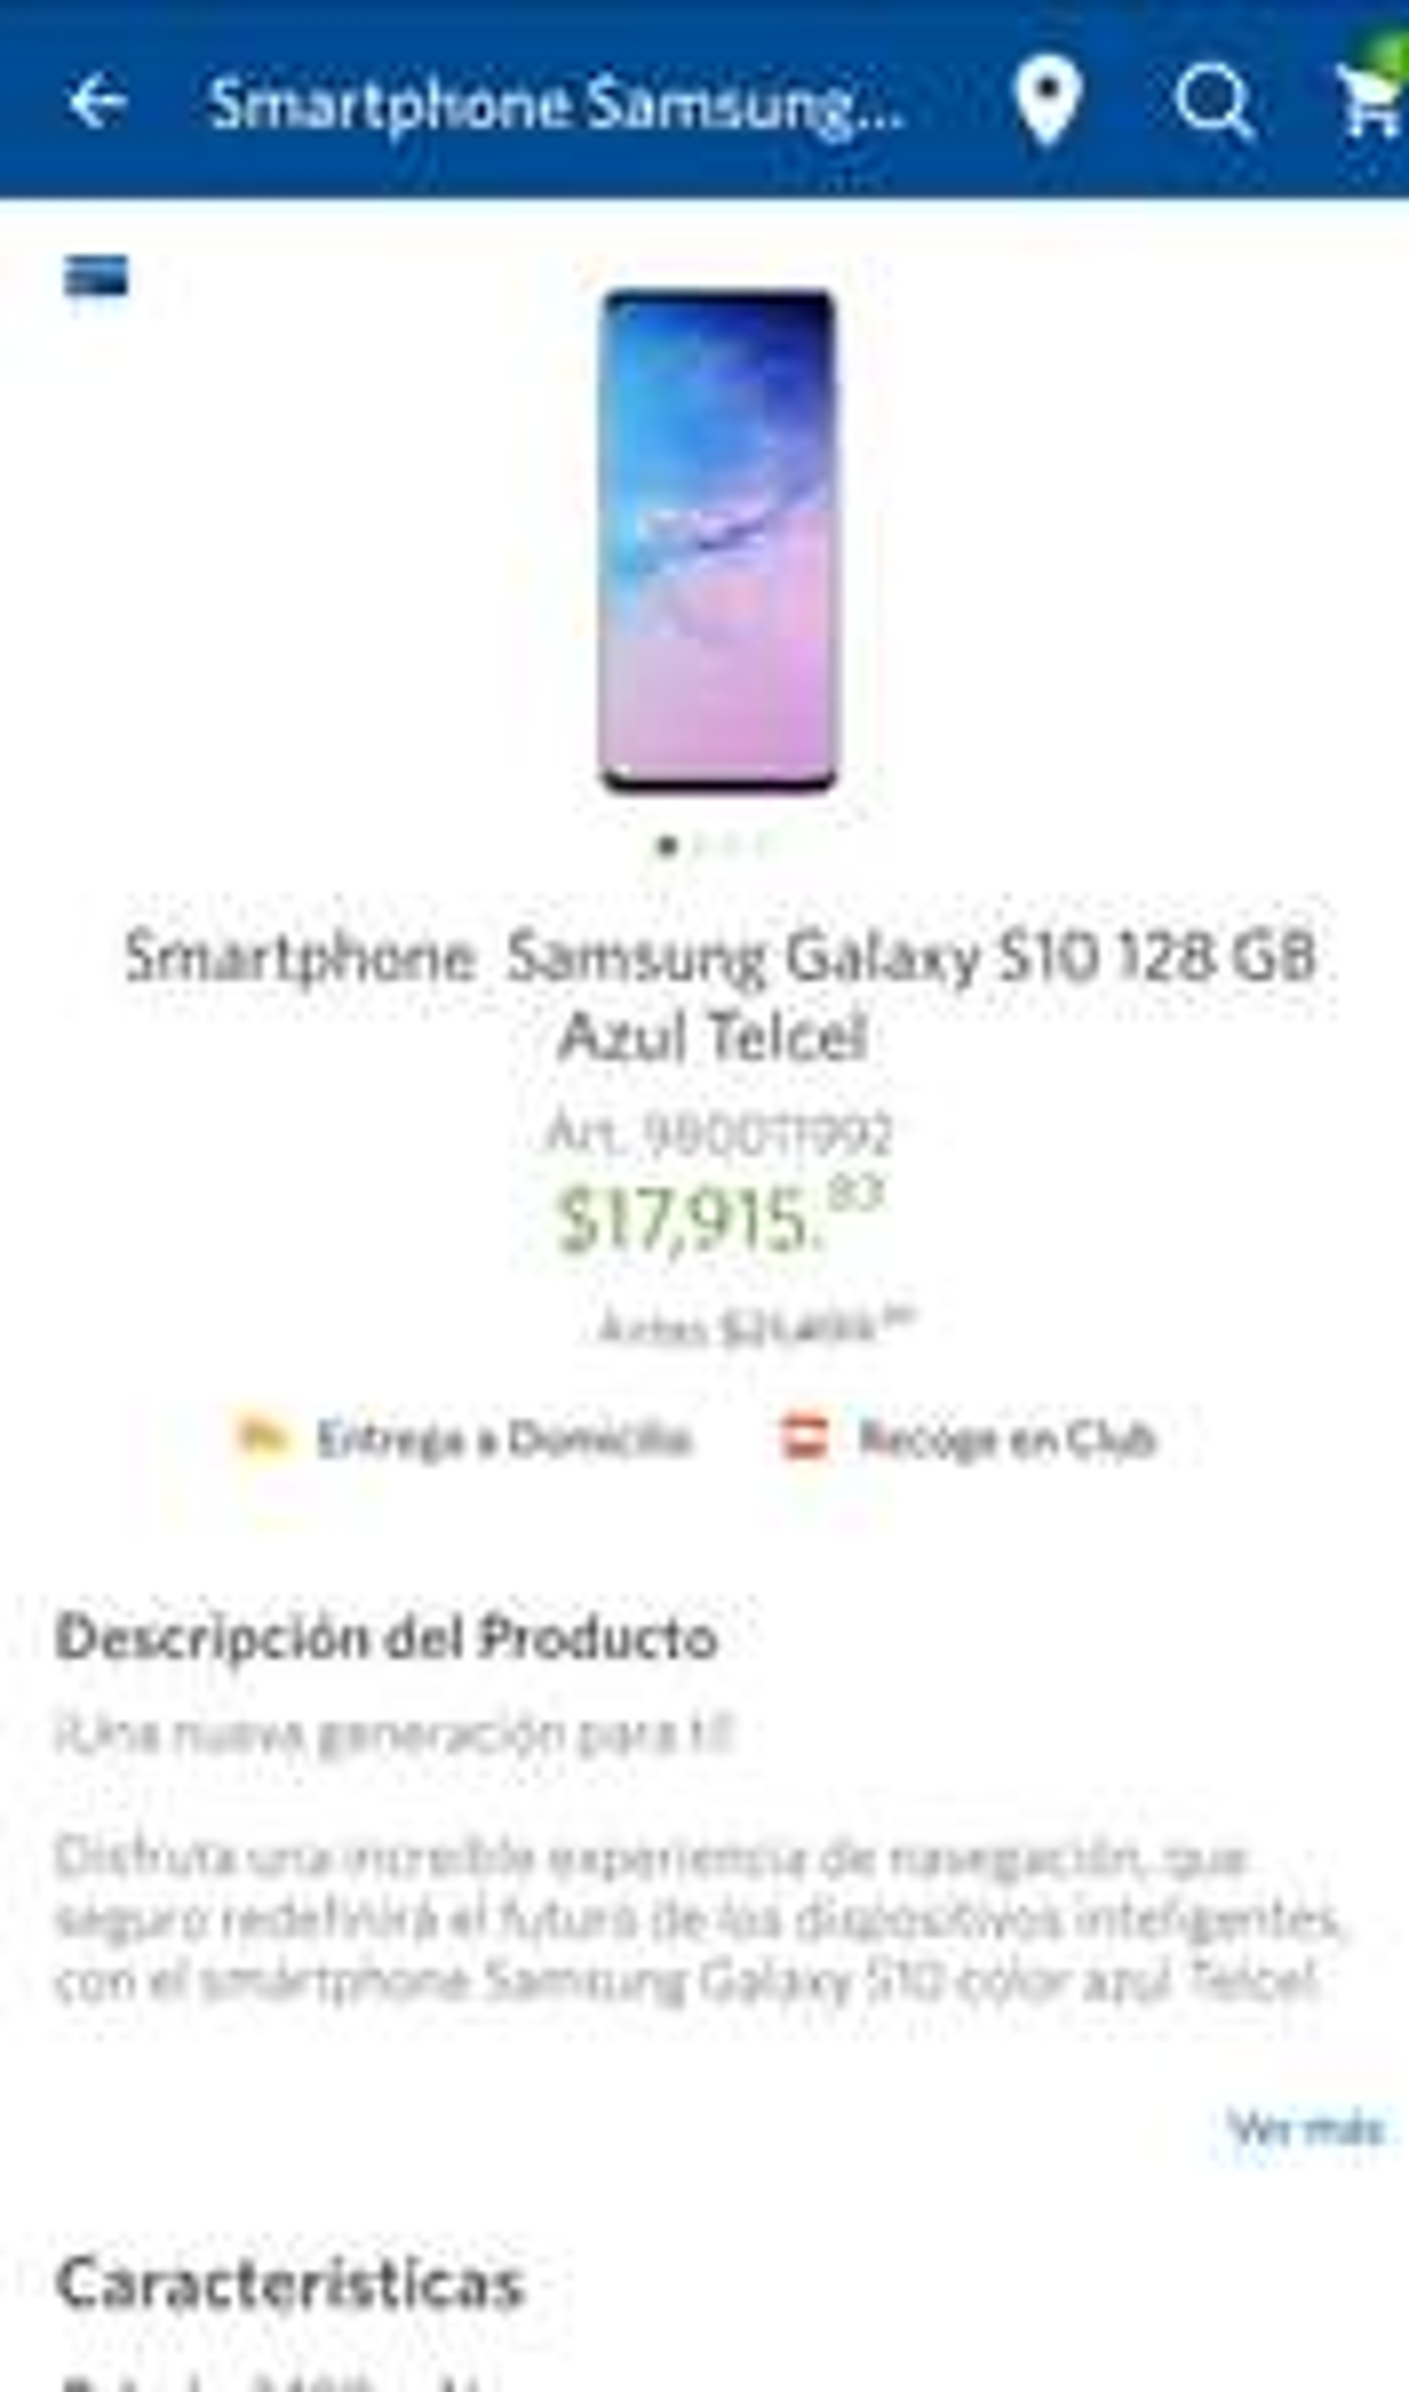 Sams: Samsung S10 128Gb Azul Telcel